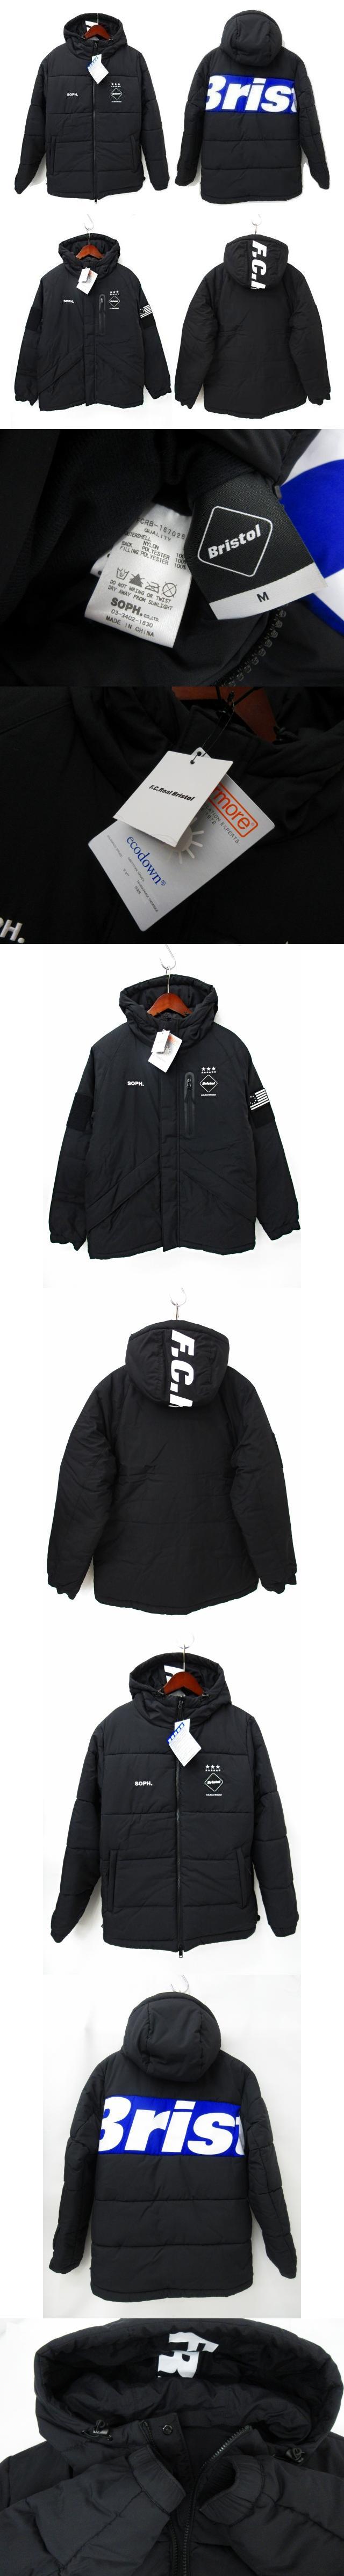 16AW REVERSIBLE PADDED JACKET リバーシブル 中綿 ジャケット 黒 ブラック M FCRB-167026 パーカー フード フーディー